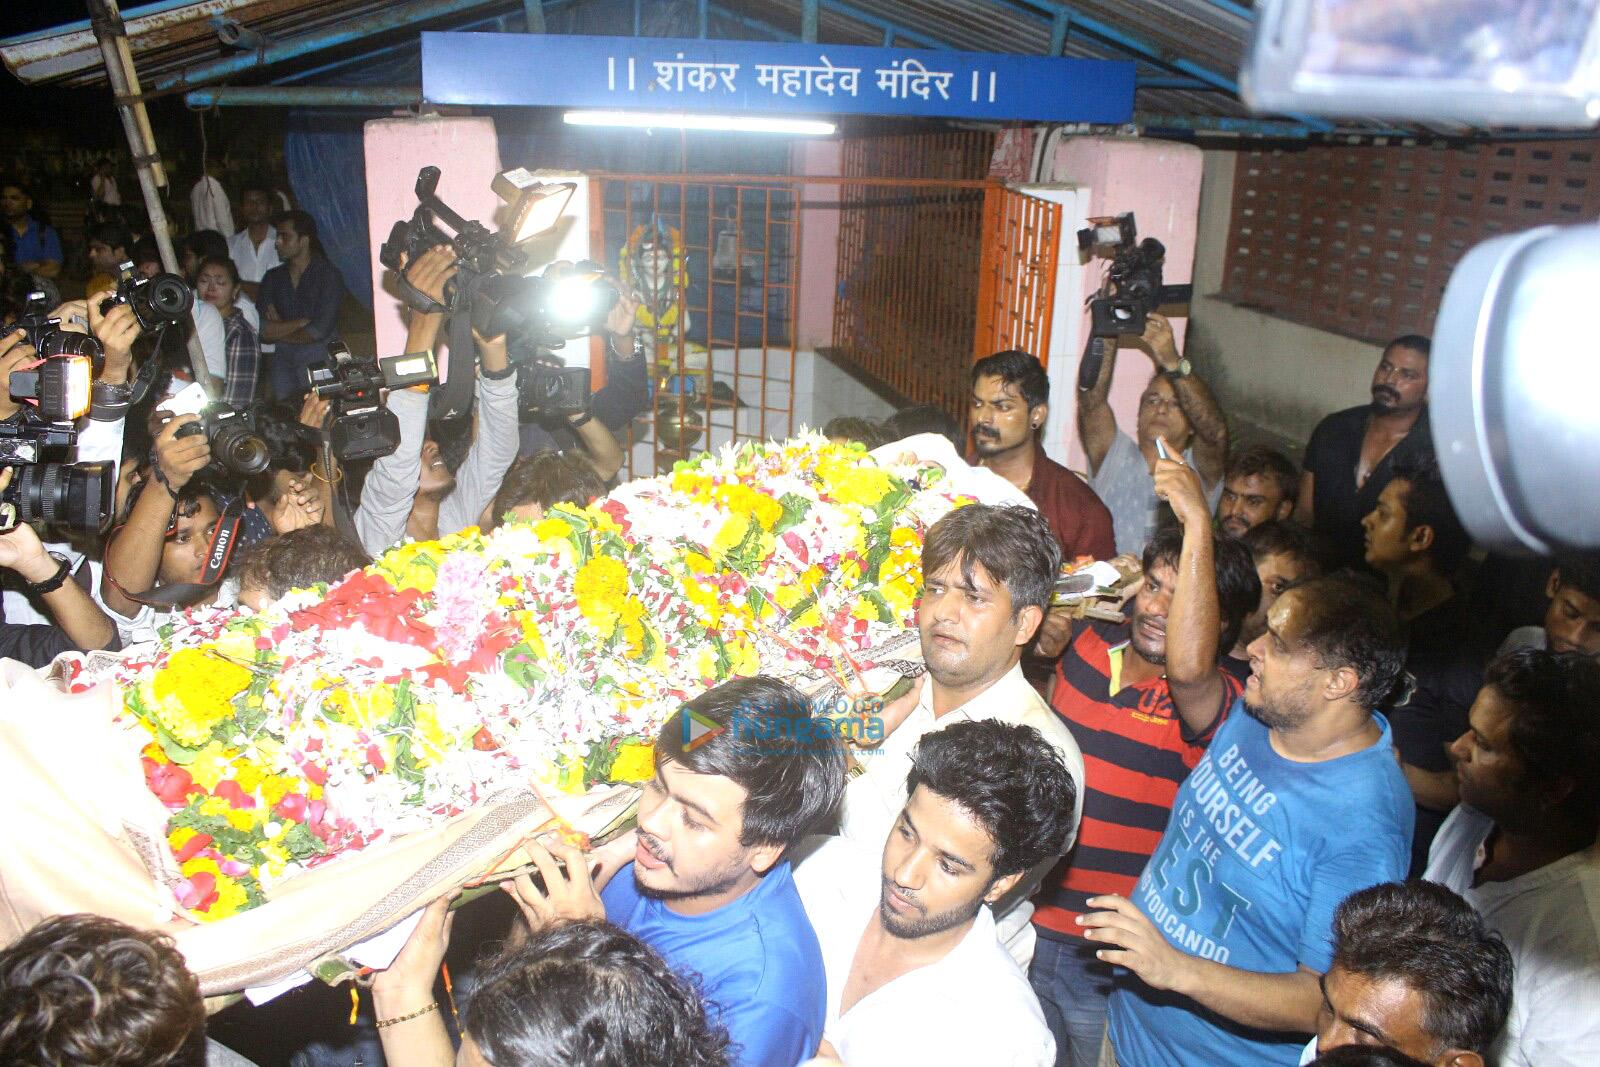 अभिनेता इंदर कुमार का अंतिम संस्कार